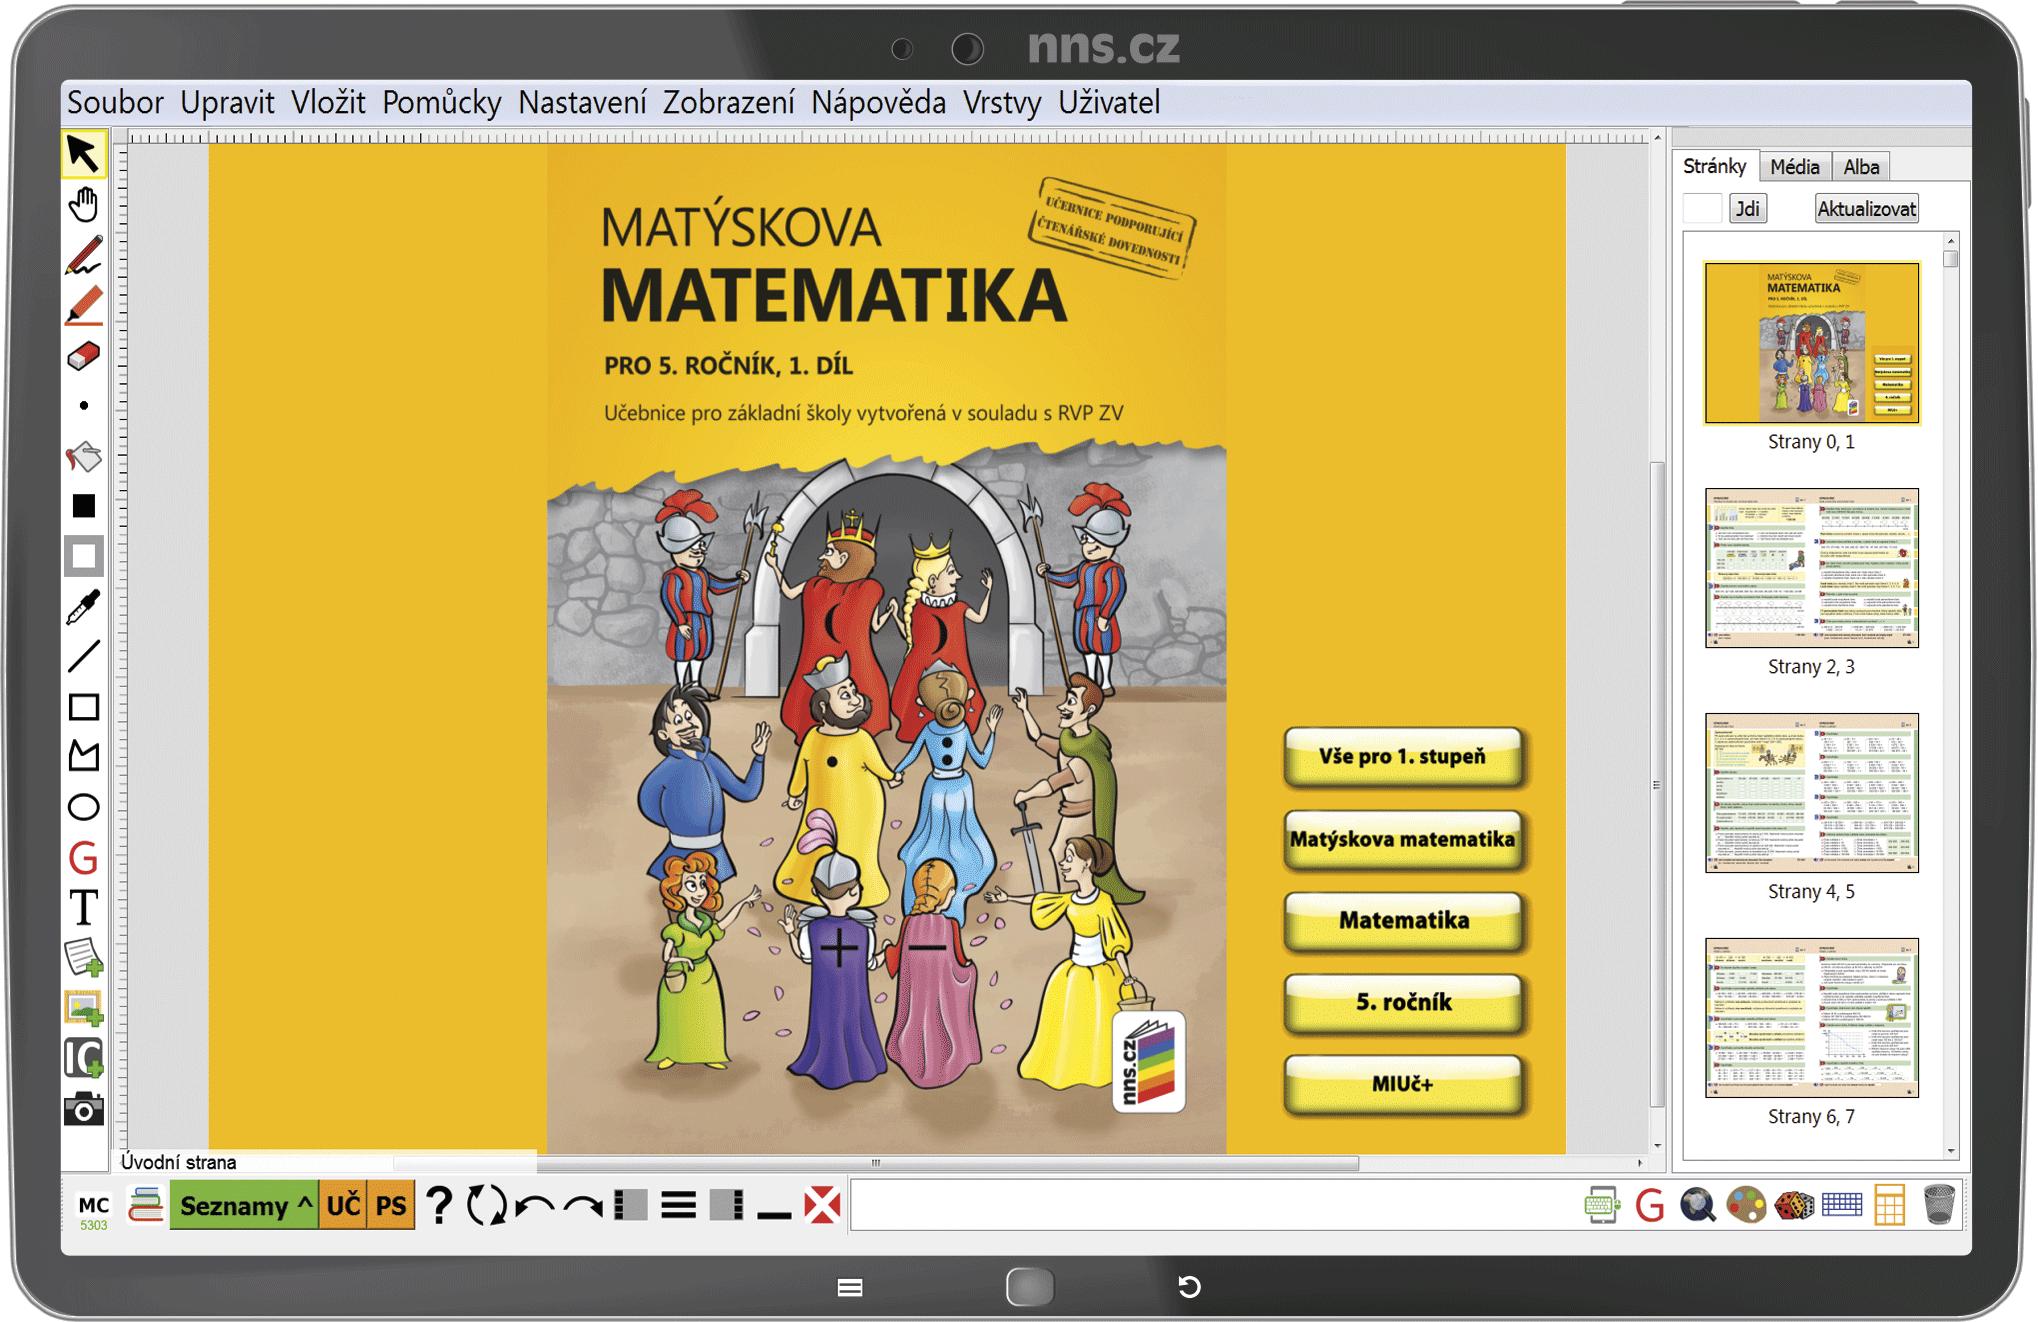 MIUč+ Matýskova matematika, 5. ročník 1., 2. díl a Geometrie – školní licence pro 1 učitele na 1